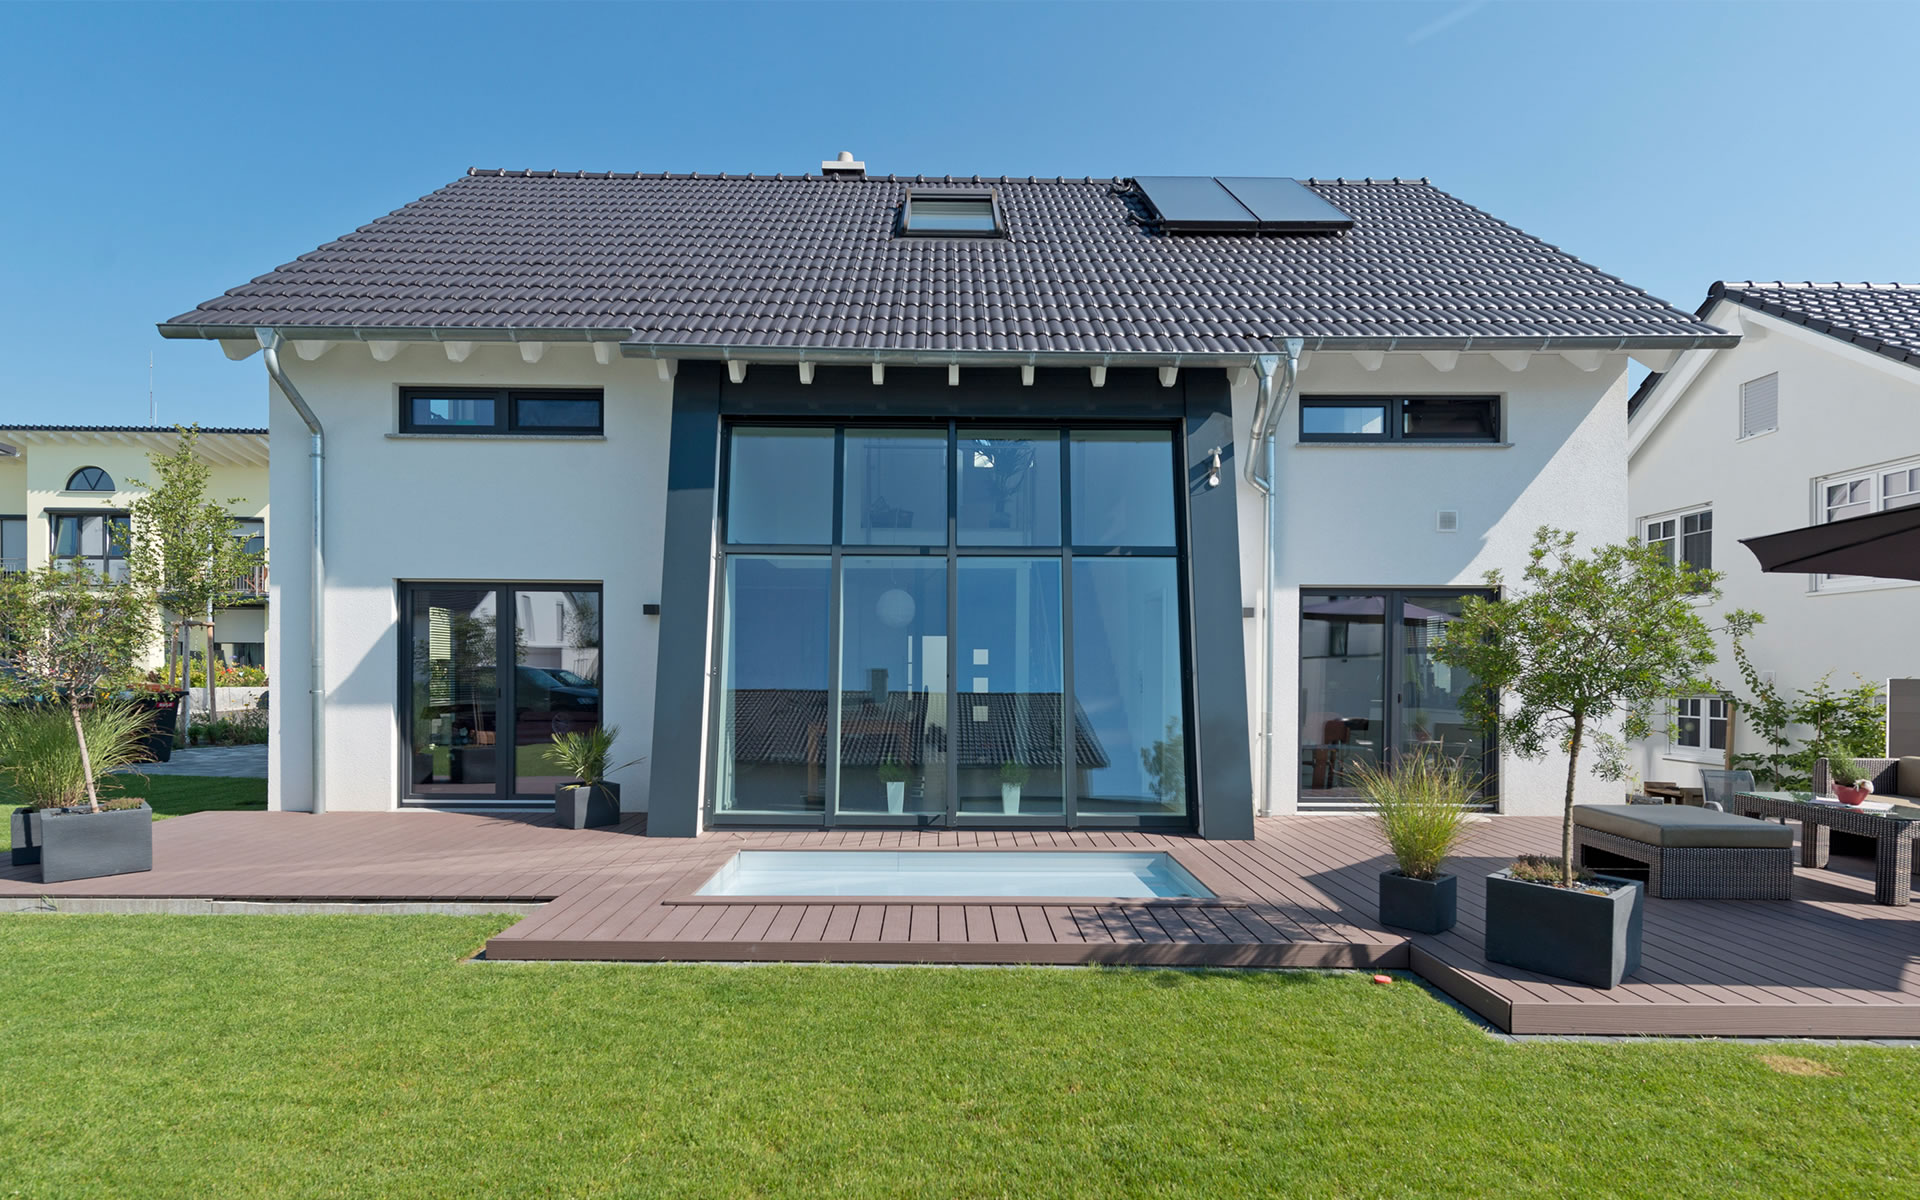 Luma von Fingerhut Haus GmbH & Co. KG